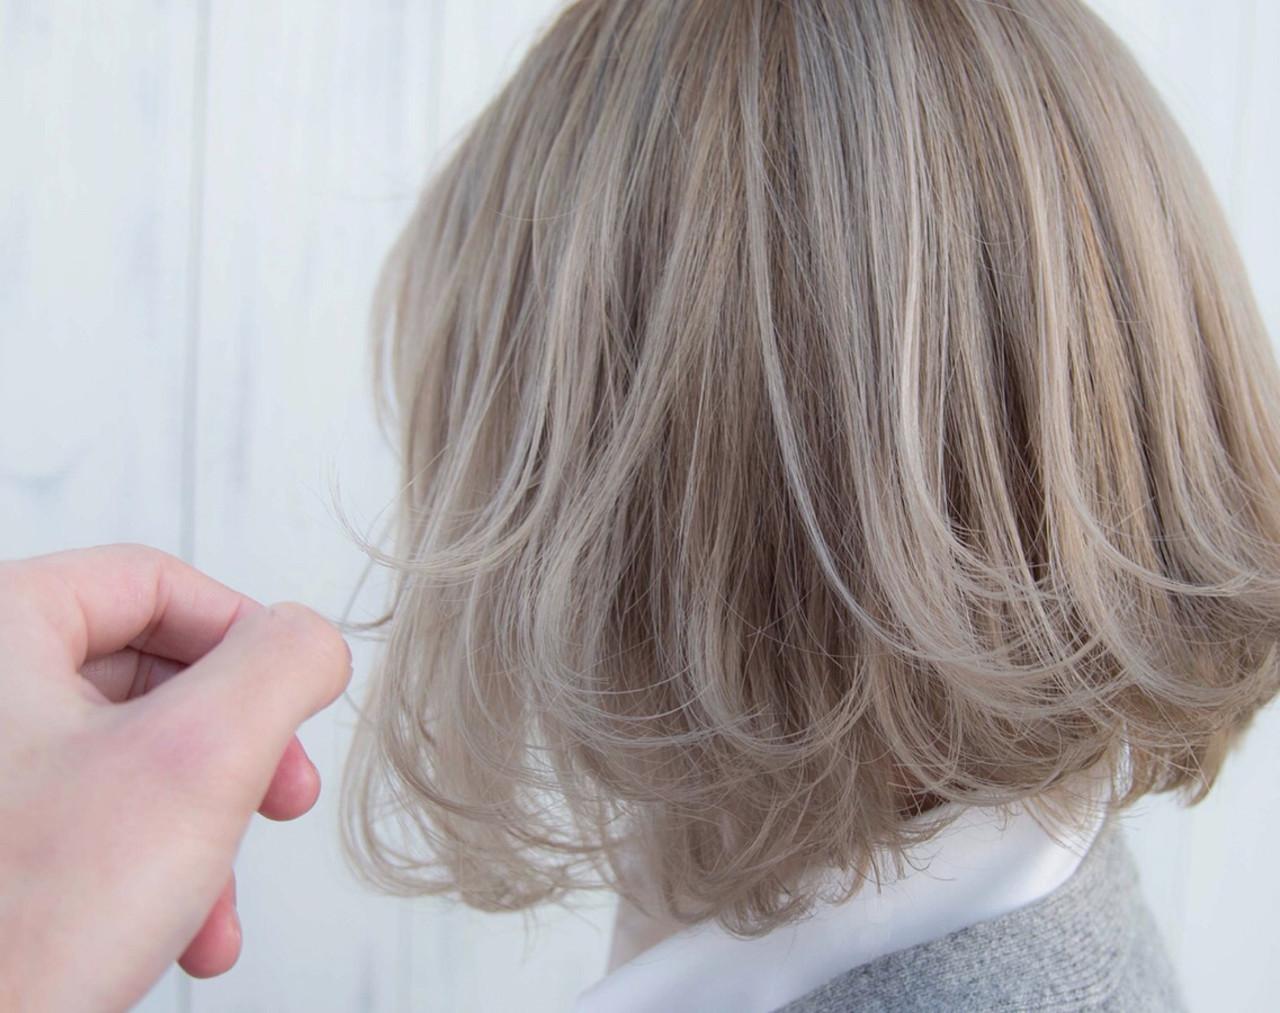 ミルクティーベージュ ボブ ホワイトグレージュ ベージュ ヘアスタイルや髪型の写真・画像